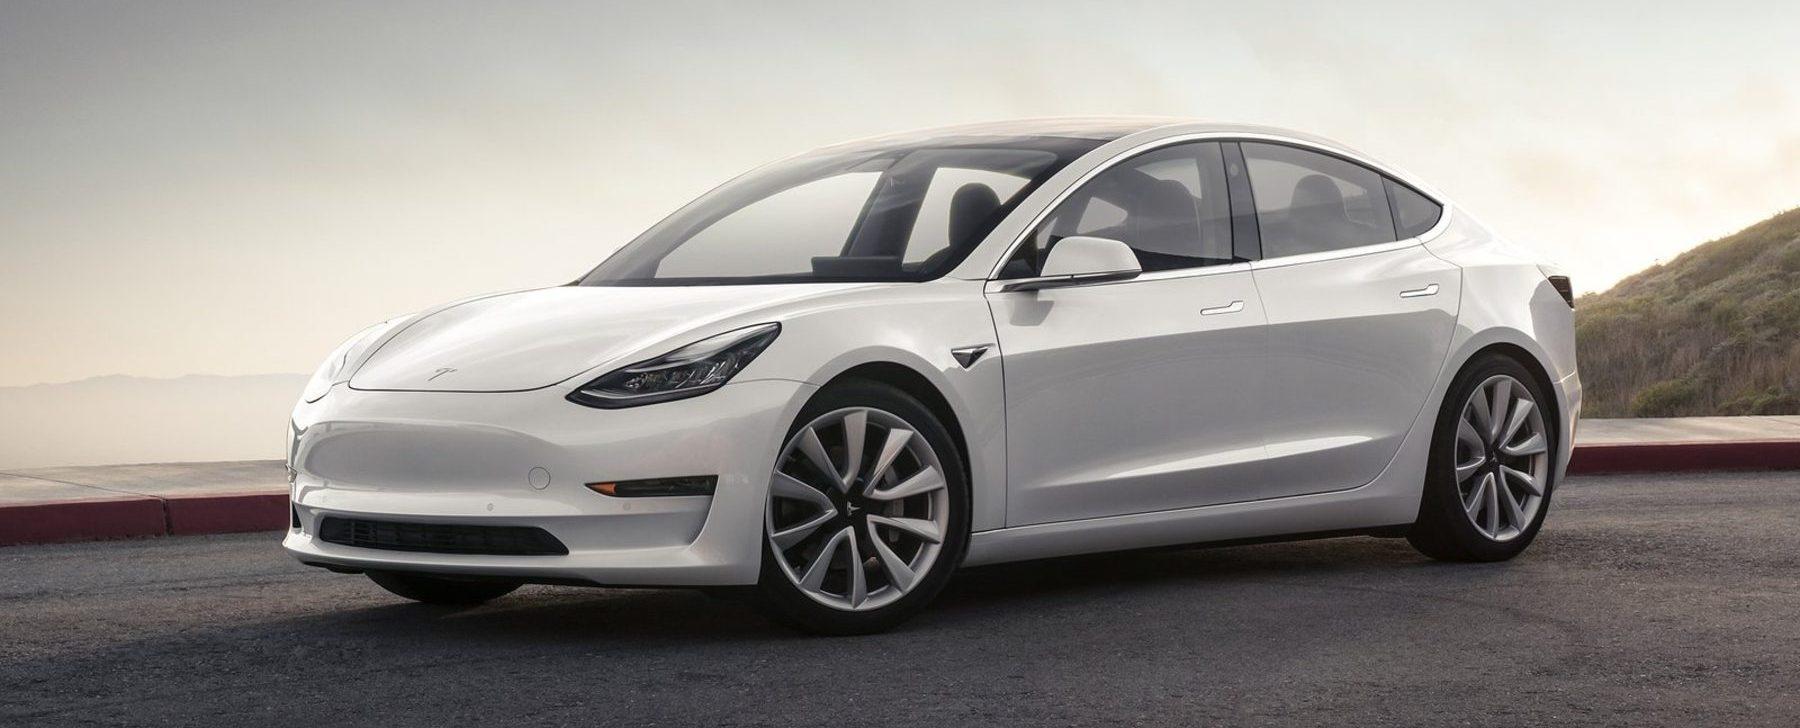 Tesla Model 3 Gran Autonomia